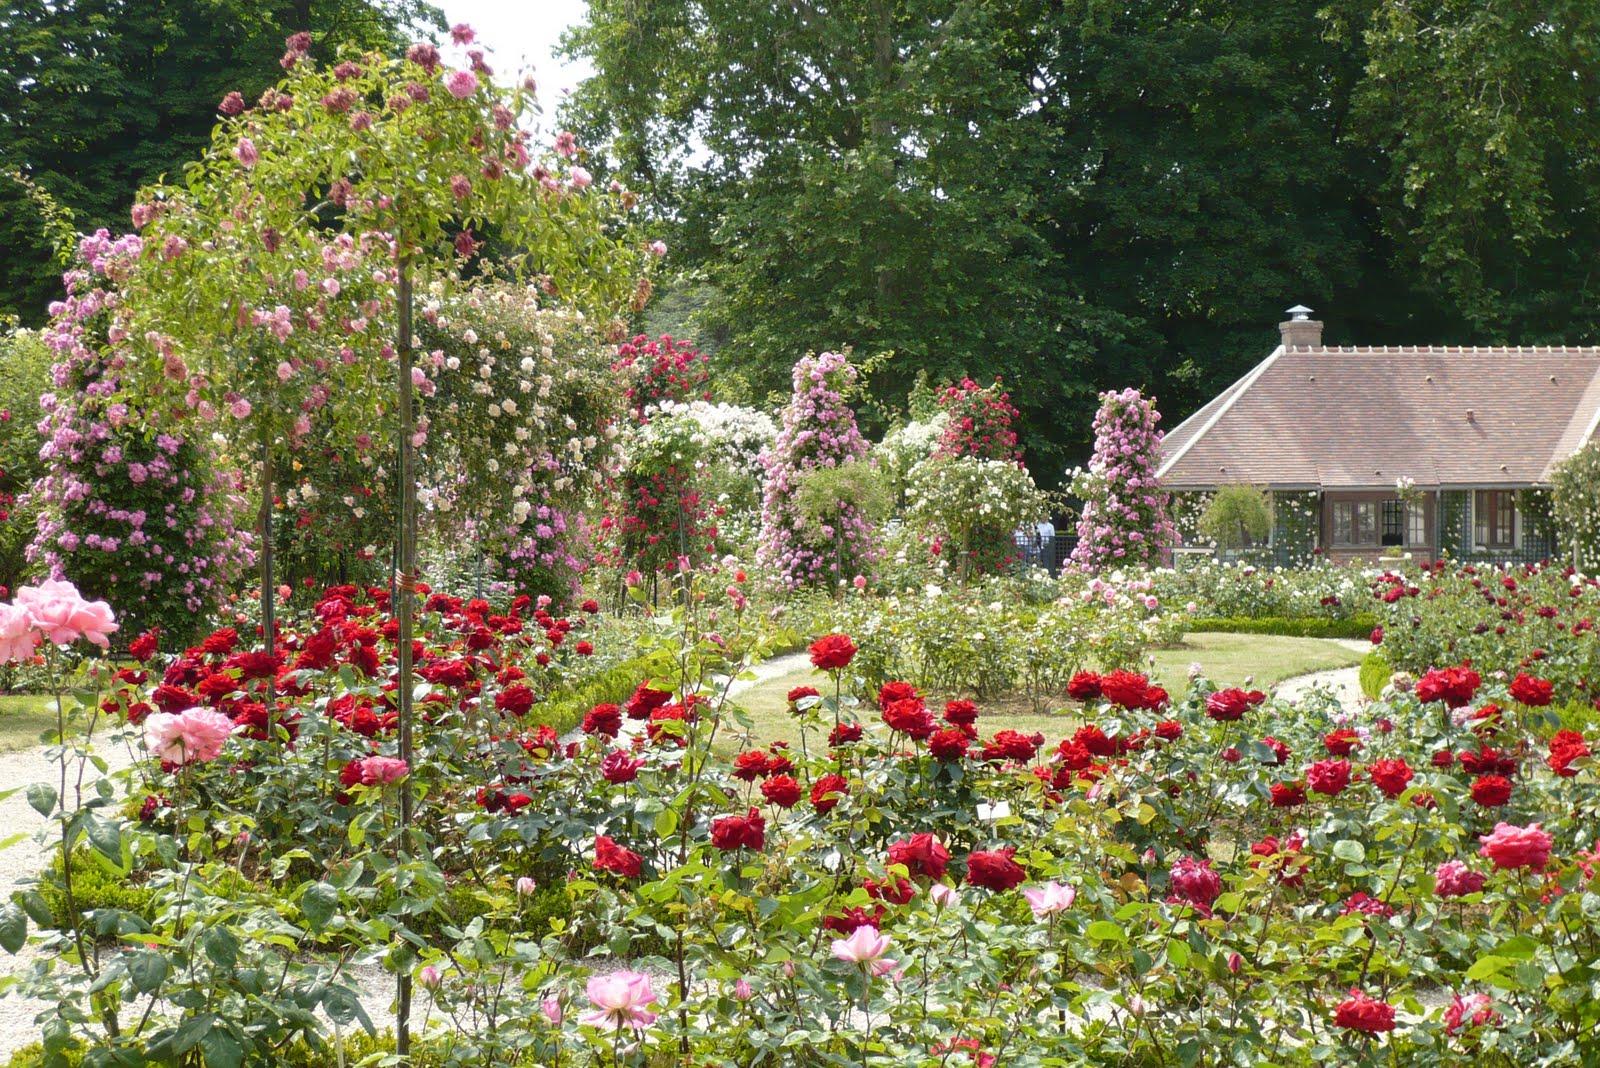 Le jardin de pacalou un jardin de roses for Le jardin des epilobes